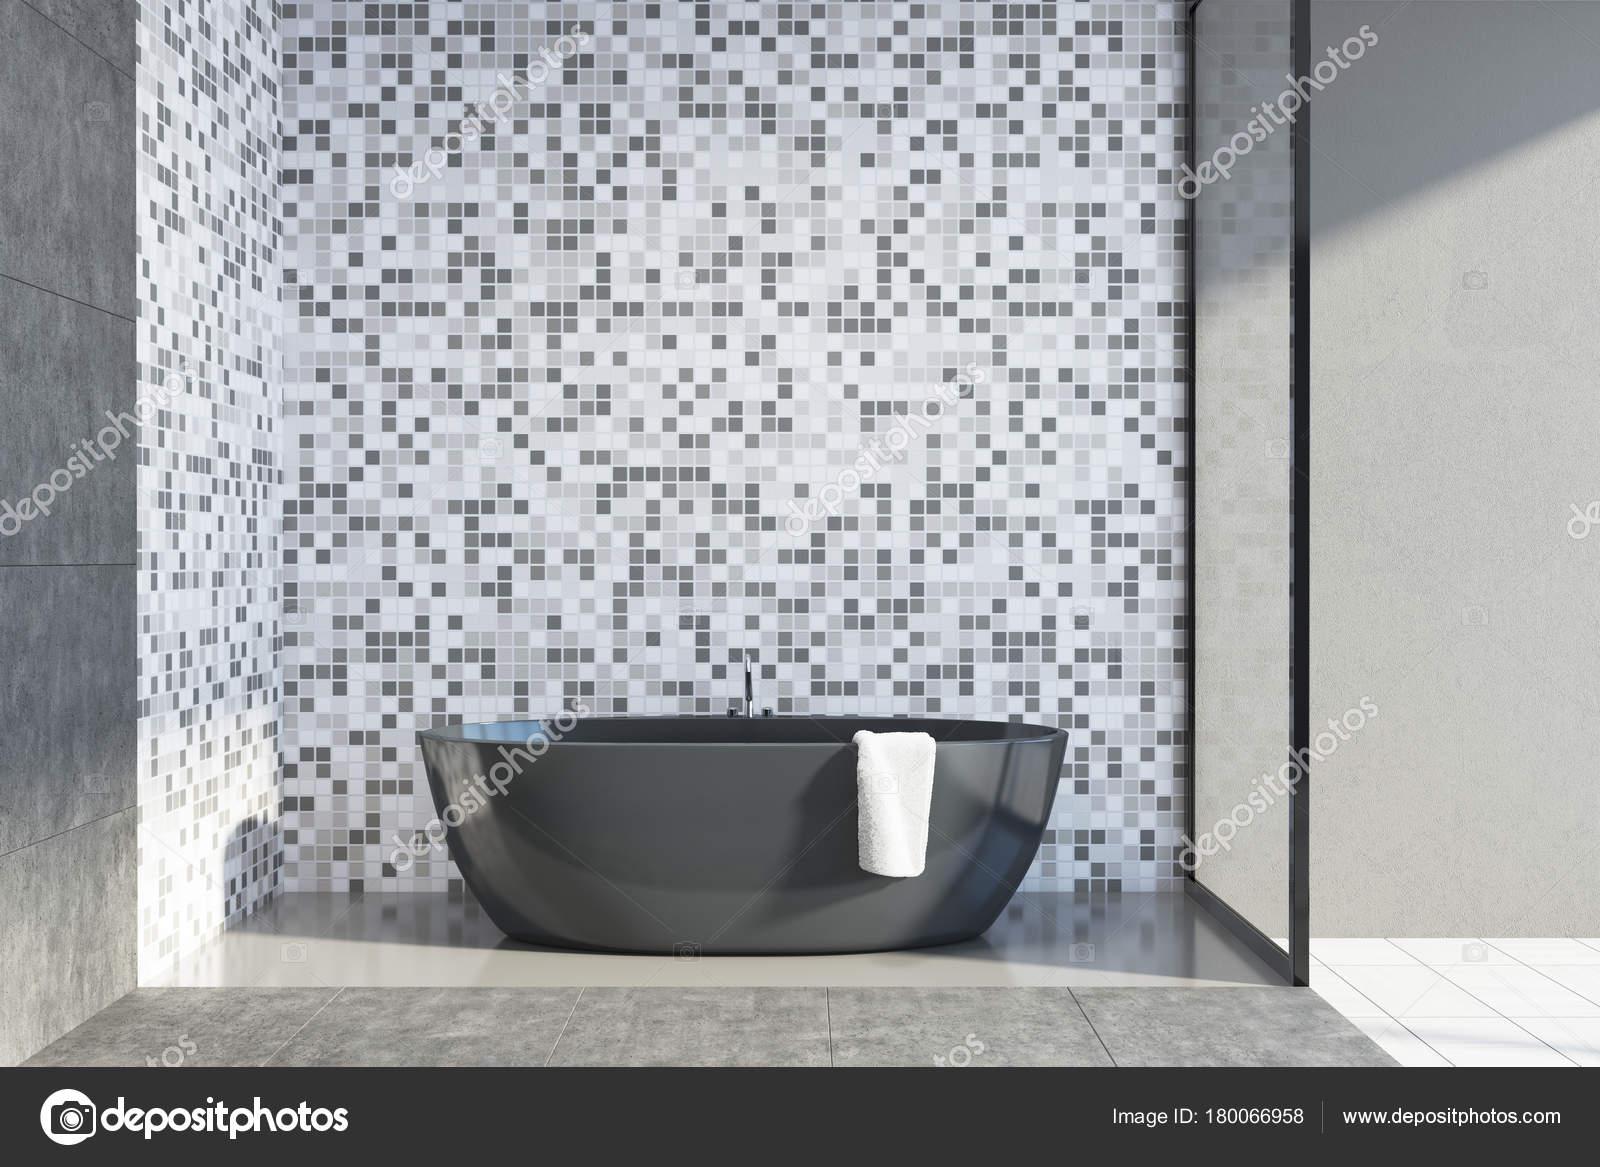 Vasca Da Lavare In Cemento : Cemento e piastrelle bagno vasca idromassaggio u foto stock